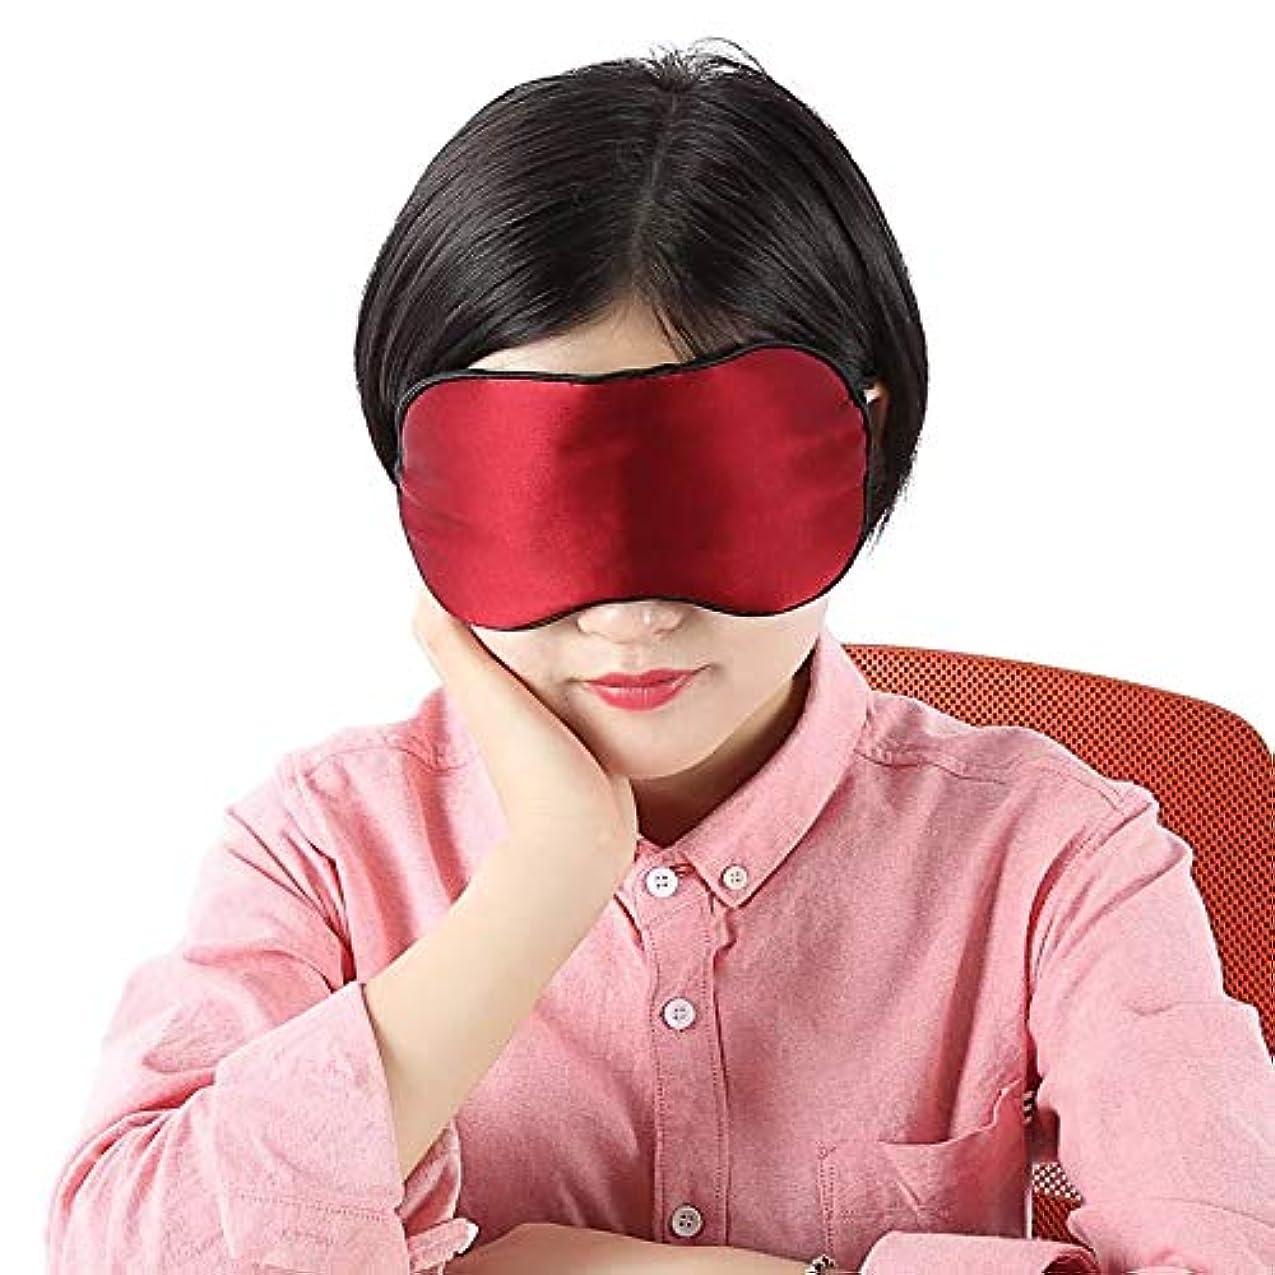 パークプレミアオーバーヘッドNOTE 1ピース両面純粋なシルク睡眠休息アイマスクパッド入りシェードカバー旅行リラックス援助目隠し送料無料